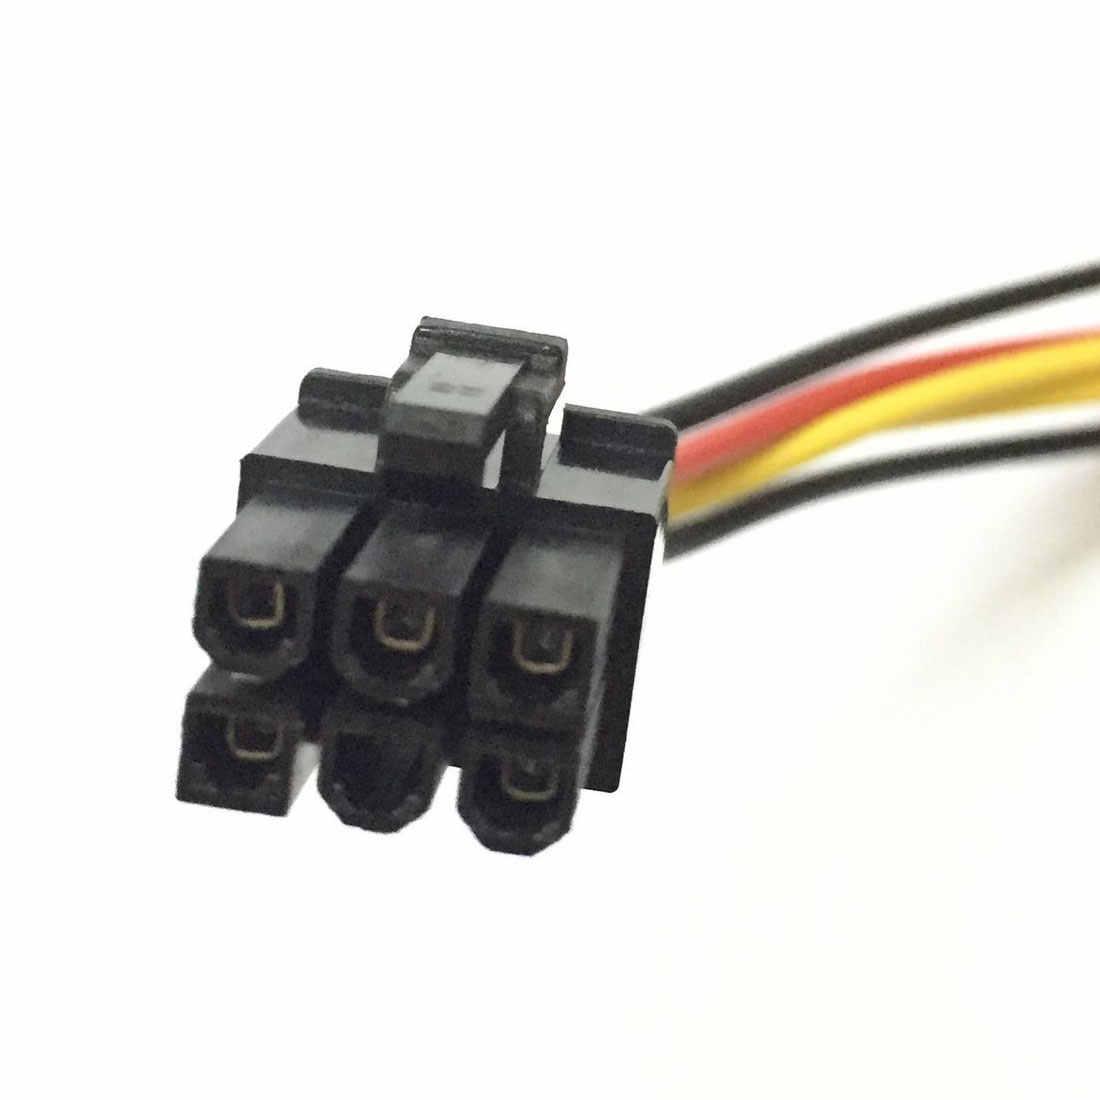 Centechia Новый высокое качество 4 Pin Molex до 6 Pin PCI-Express PCIE видео карта Мощность конвертер Кабель-адаптер 20 см